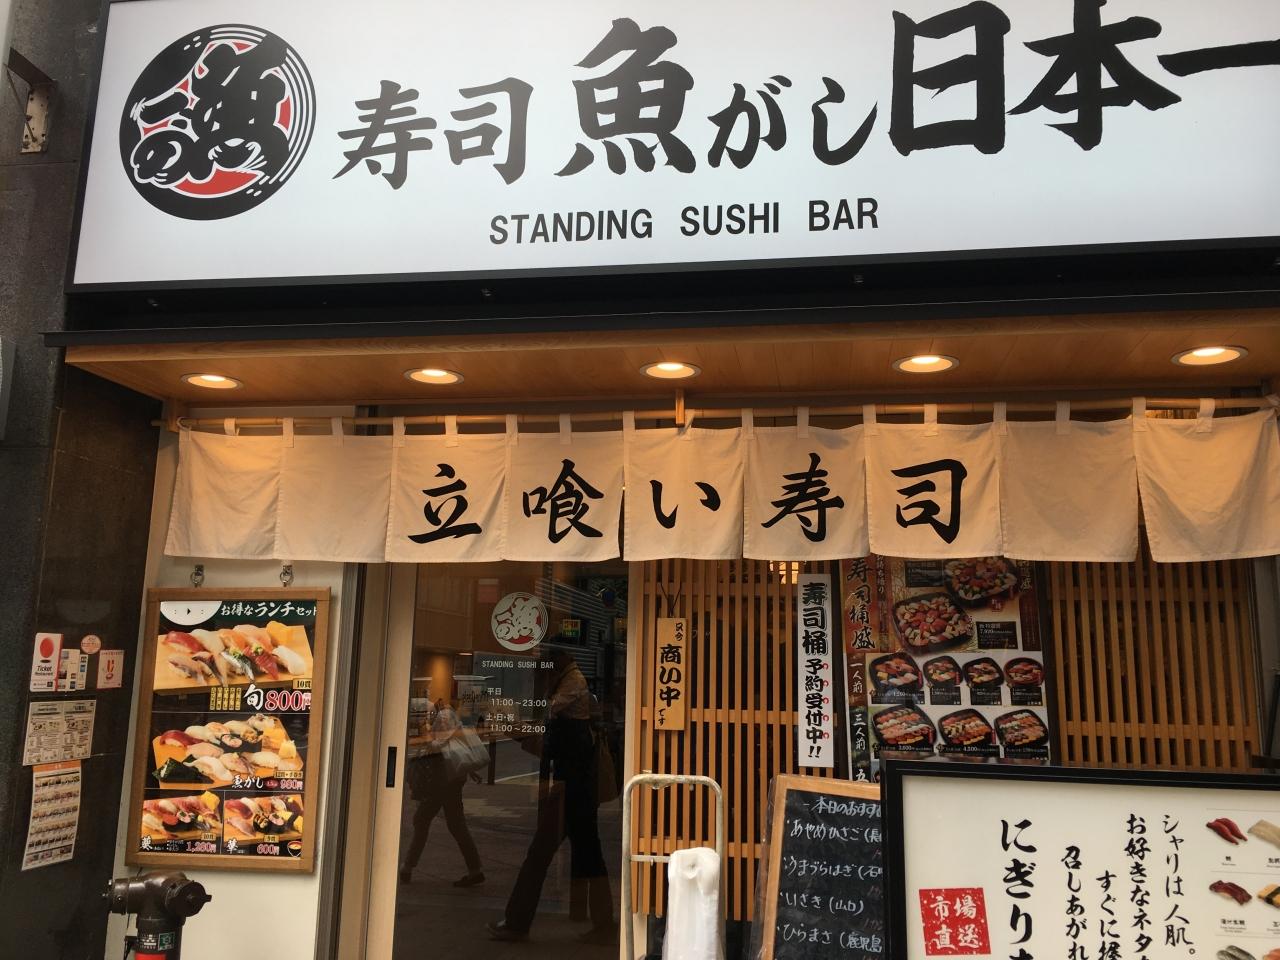 寿司 魚がし日本一 新宿西口店 クチコミガイド【フォート ...